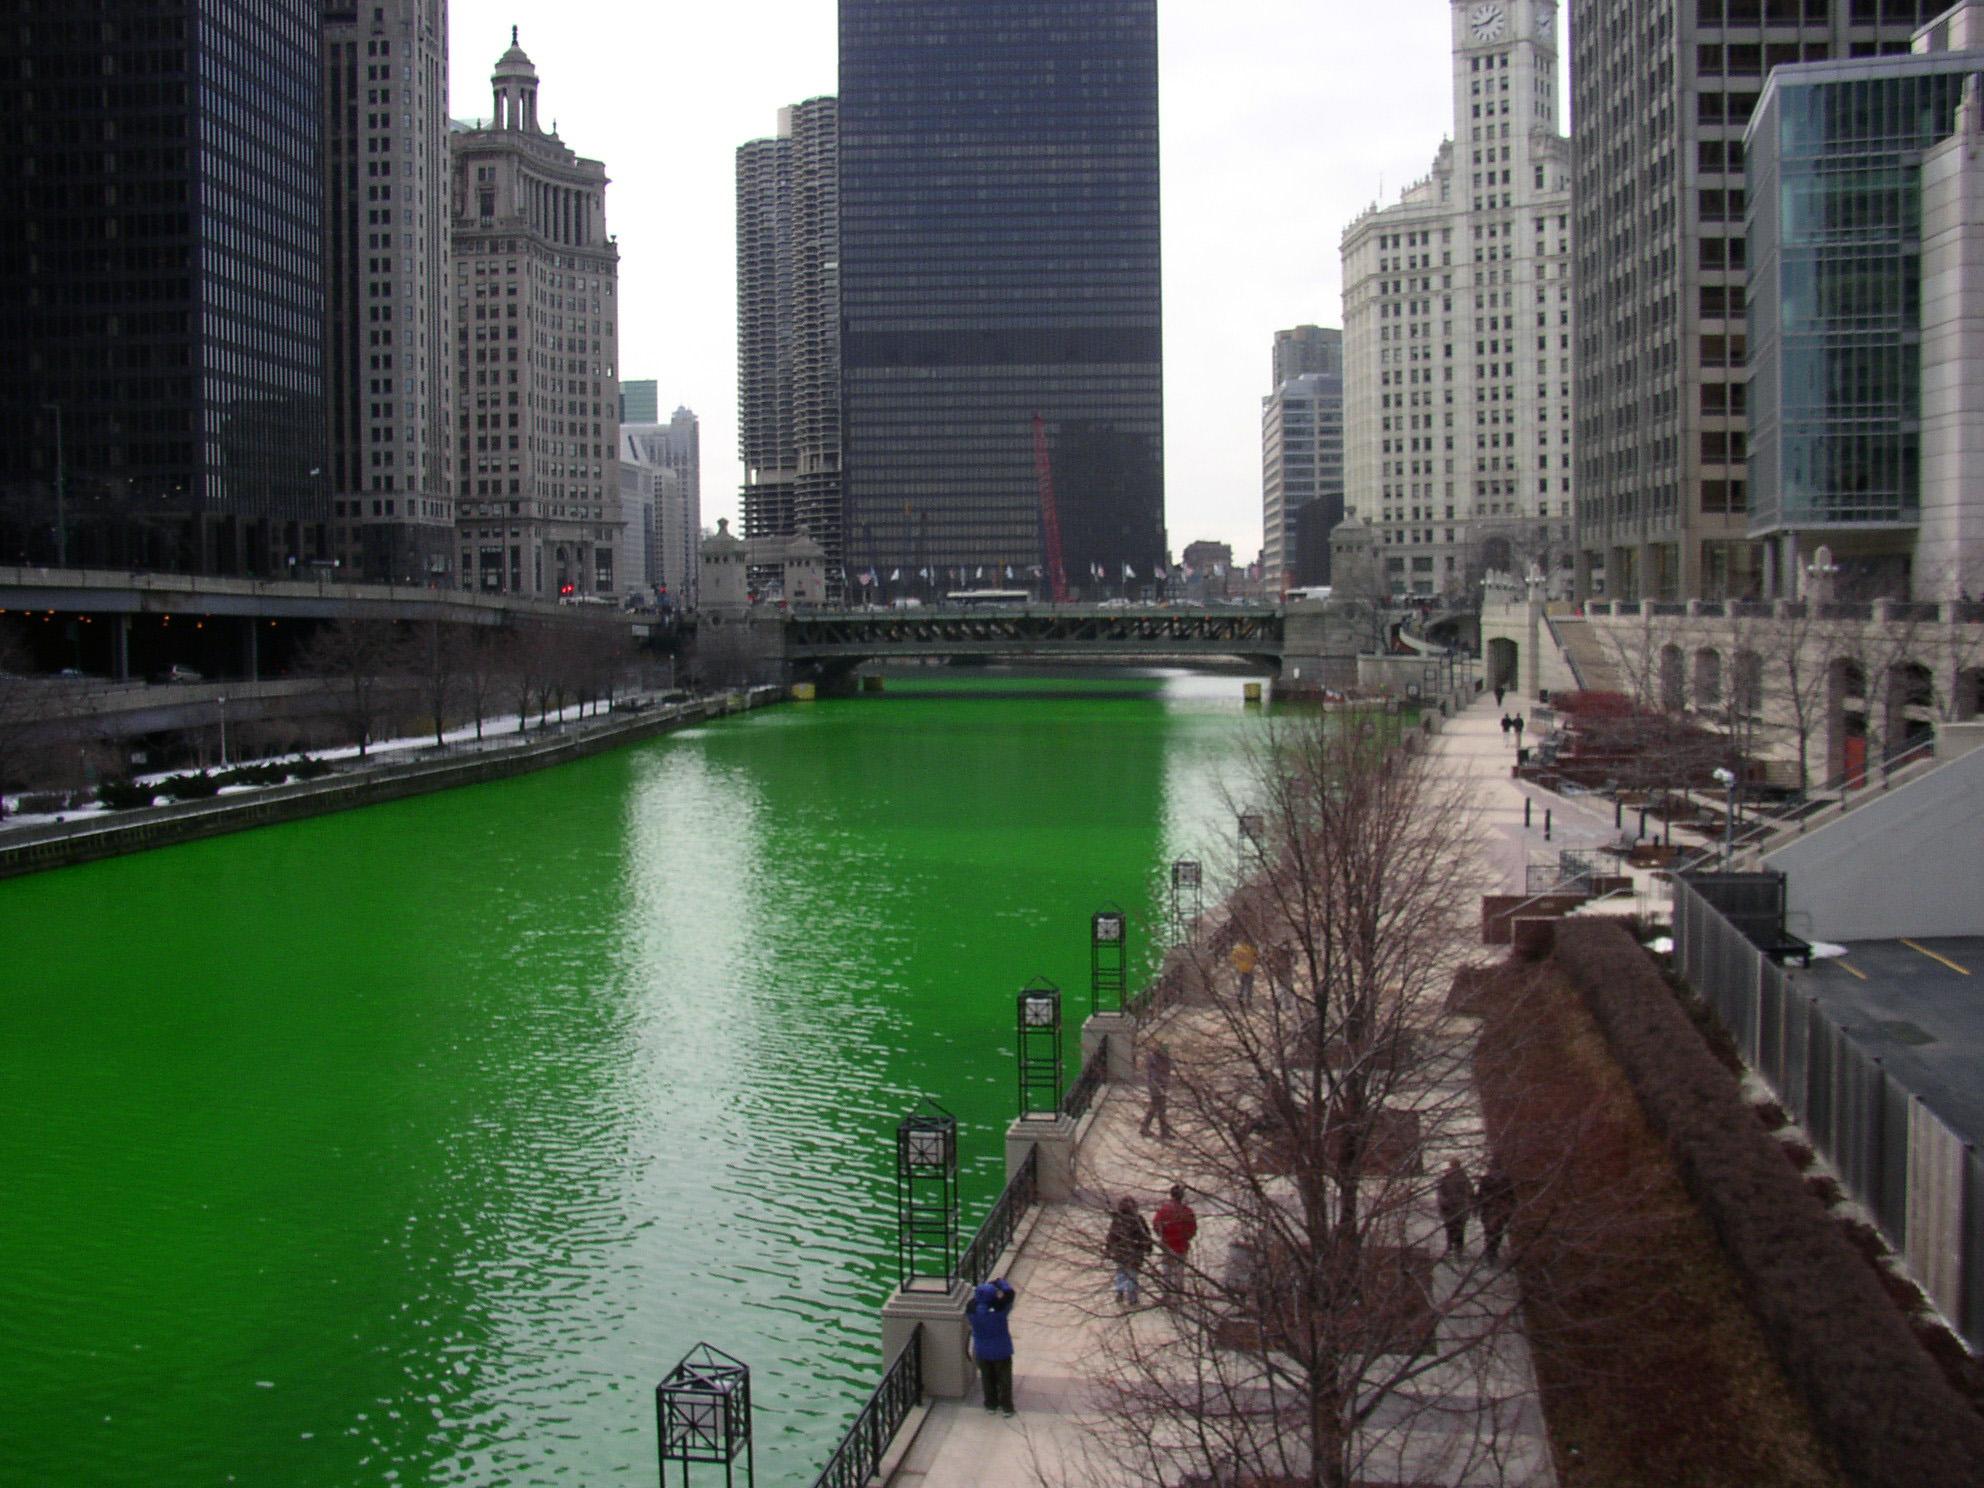 Chicago River en vert pour la Saint Patrick